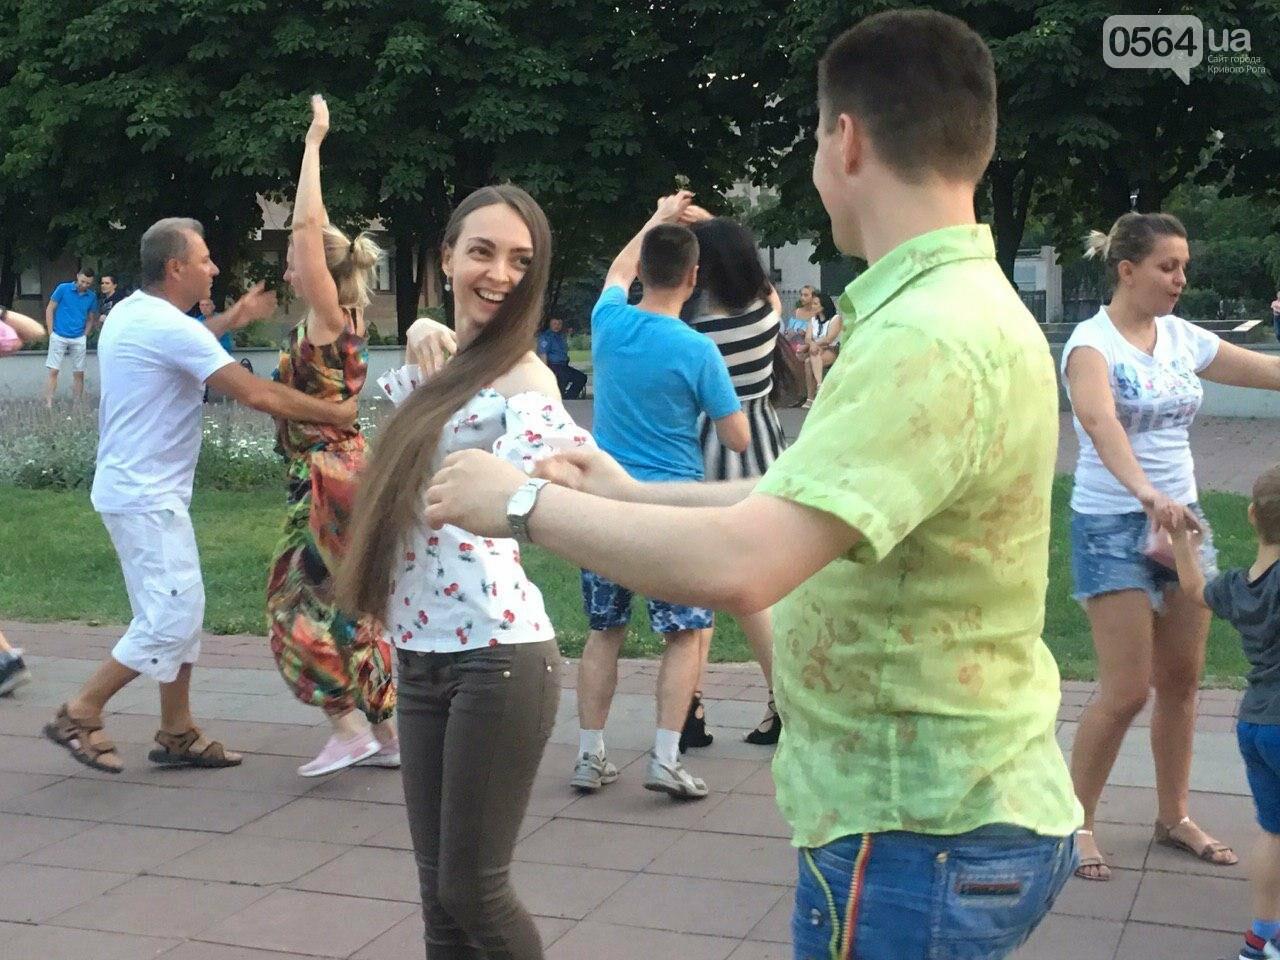 Сальса, бачата, кизомба: в центре города танцоры провели мастер-класс для криворожан, - ФОТО, ВИДЕО , фото-1